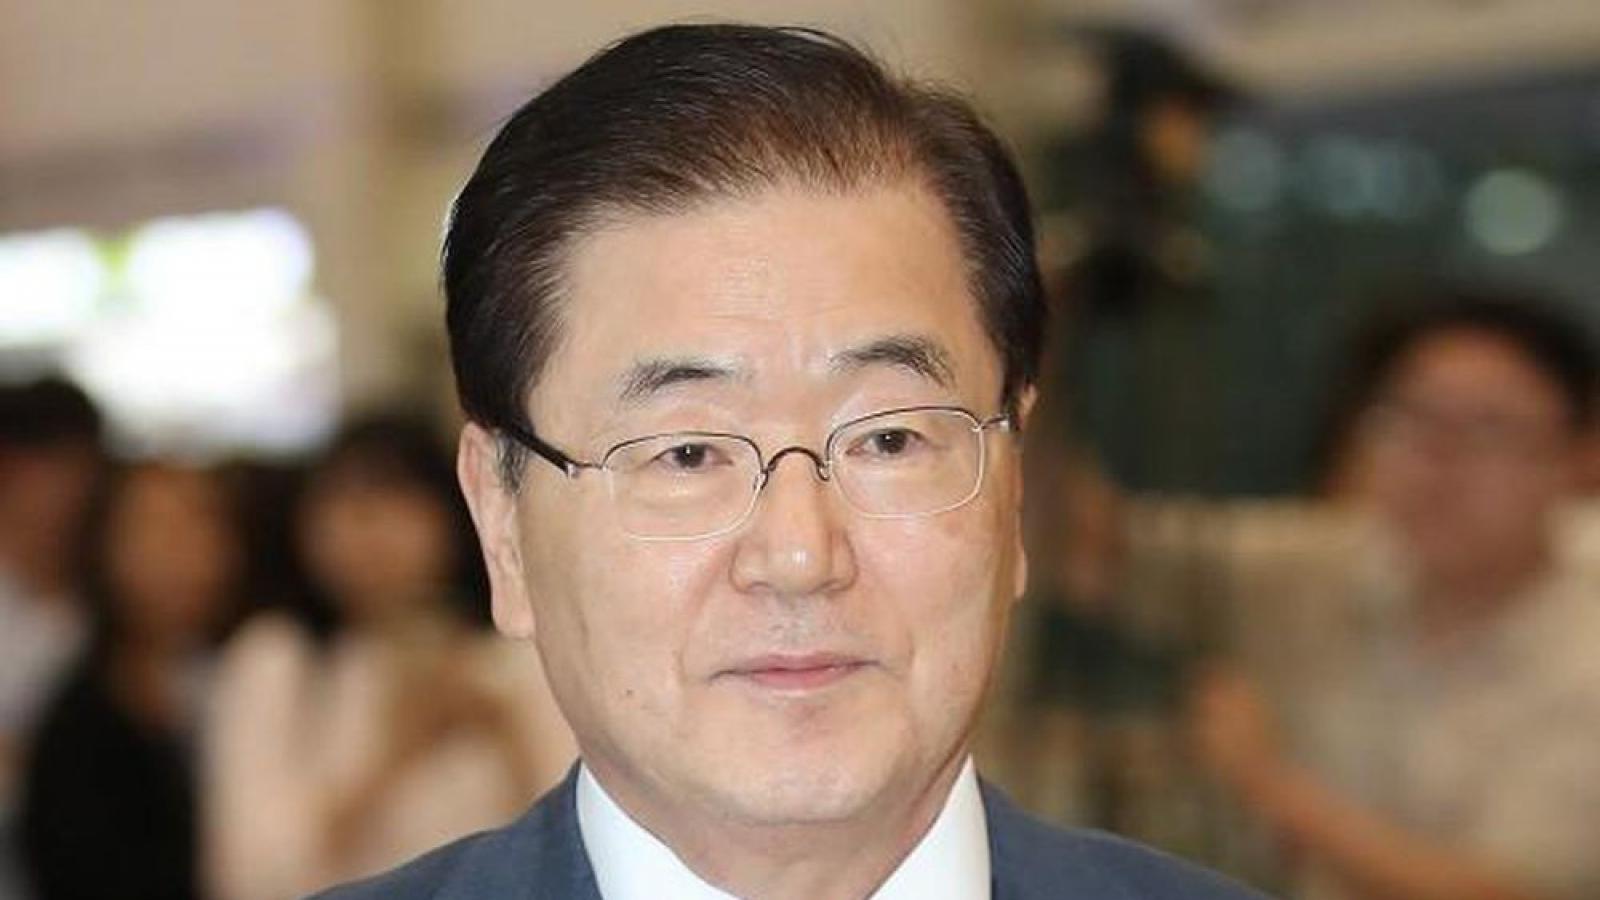 Hàn Quốc khẳng định sẽ tích cực thúc đẩy hợp tác với Triều Tiên